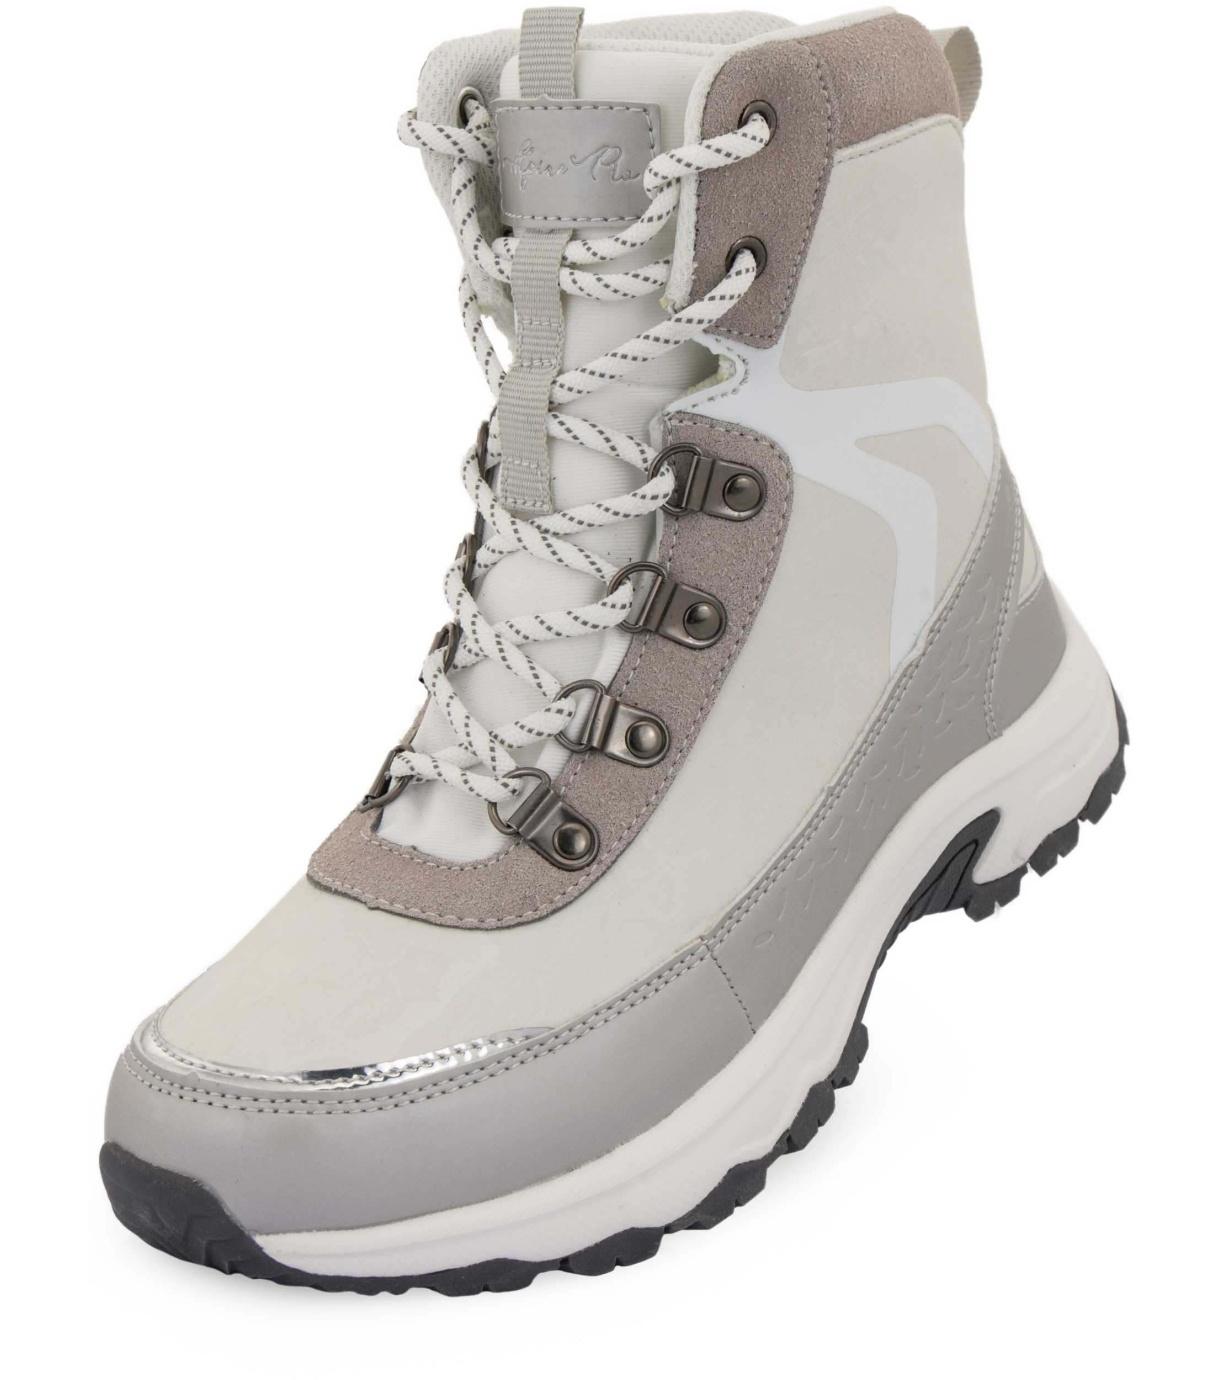 ALPINE PRO LALMA Dámská zimní obuv LBTS283000G bílá 38